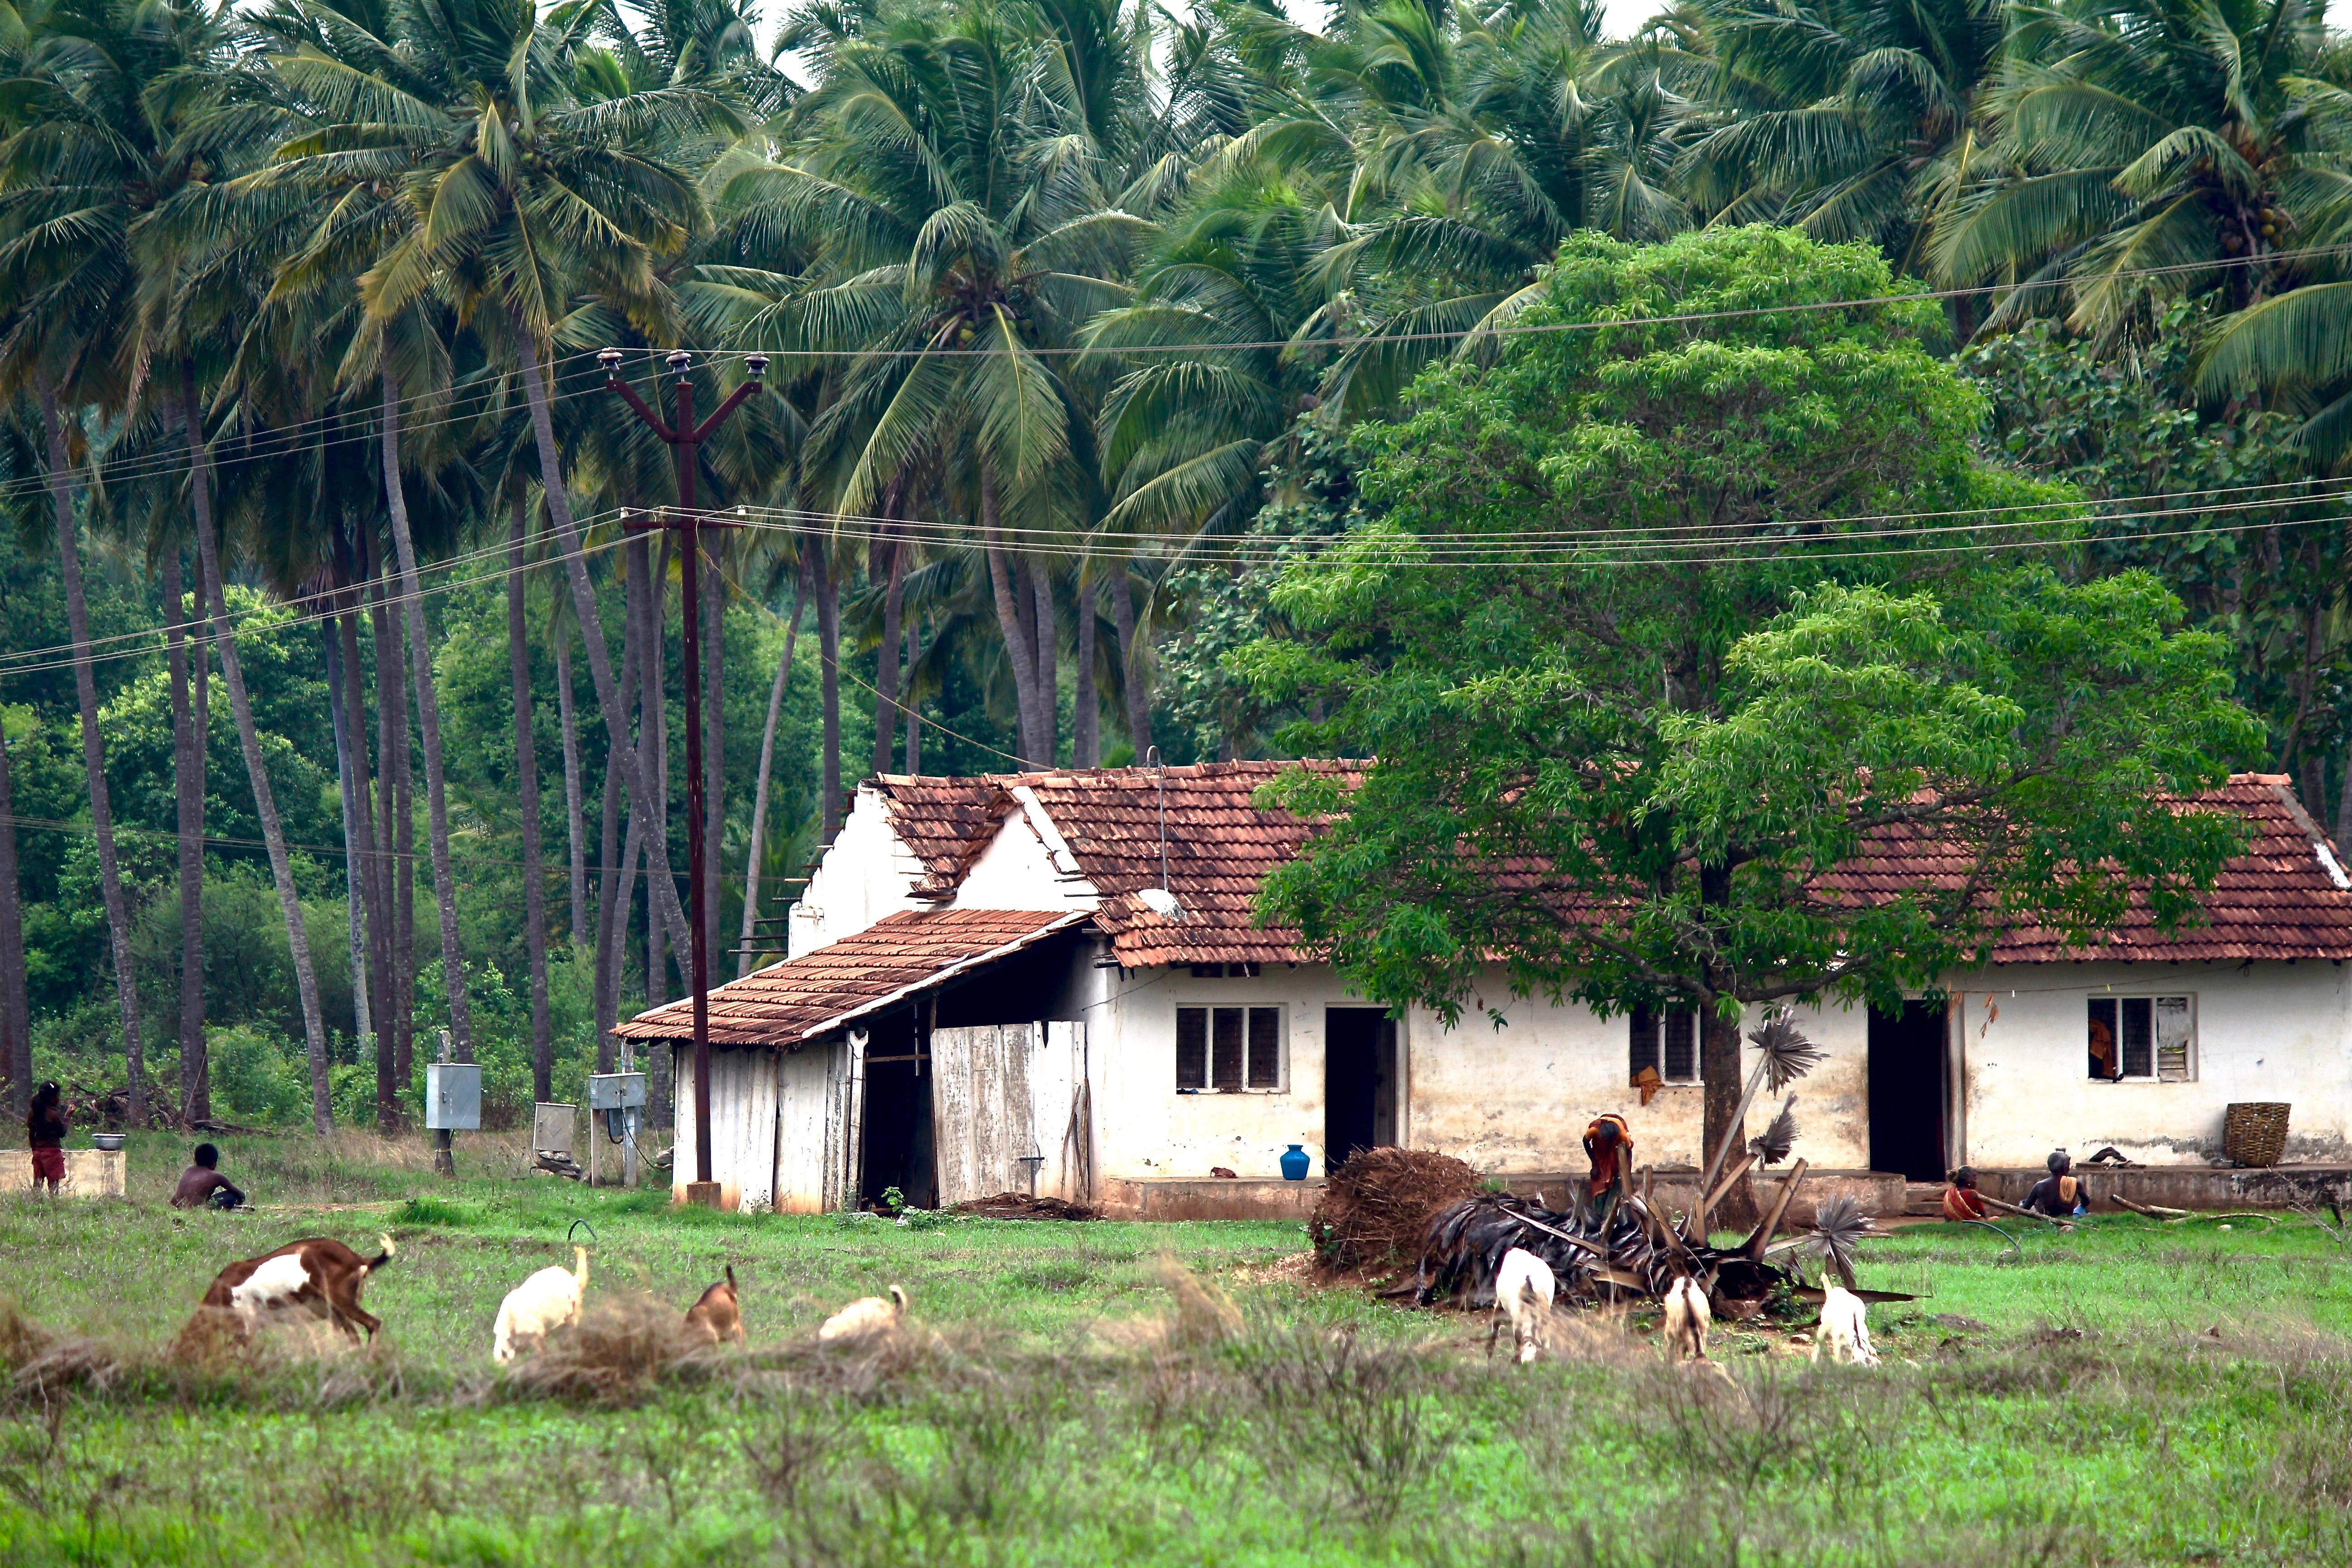 деревни в индии фото конечно фундамента